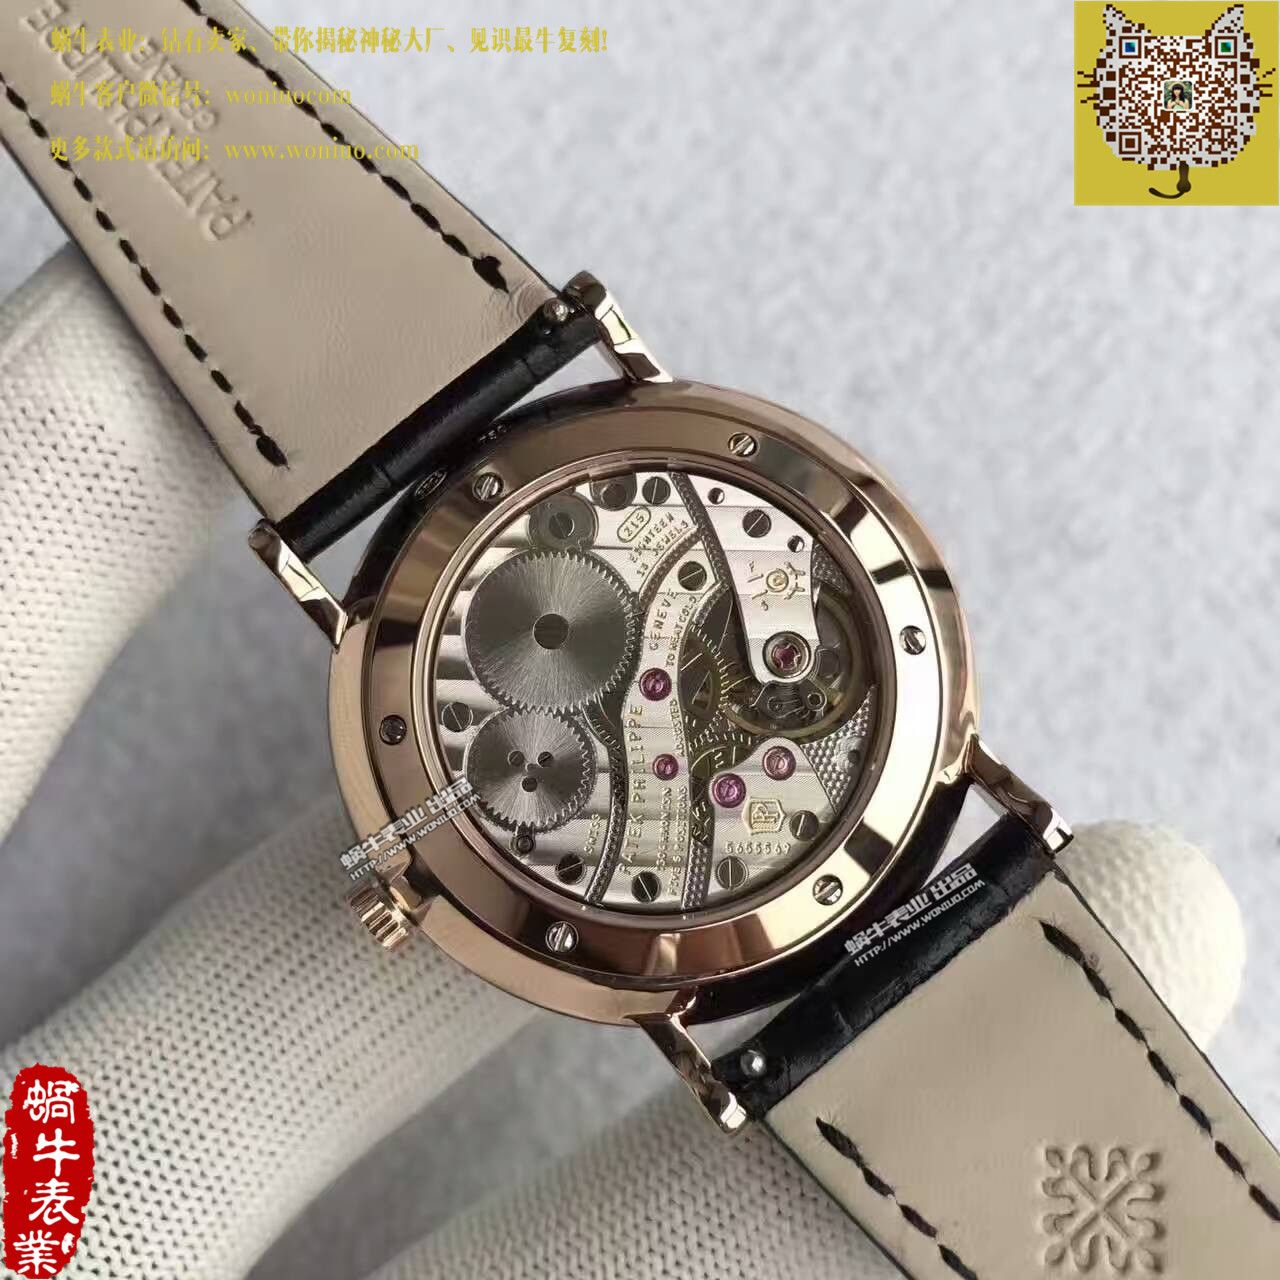 【台湾厂一比一超A高仿手表】百达翡丽古典表系列5119R-001腕表